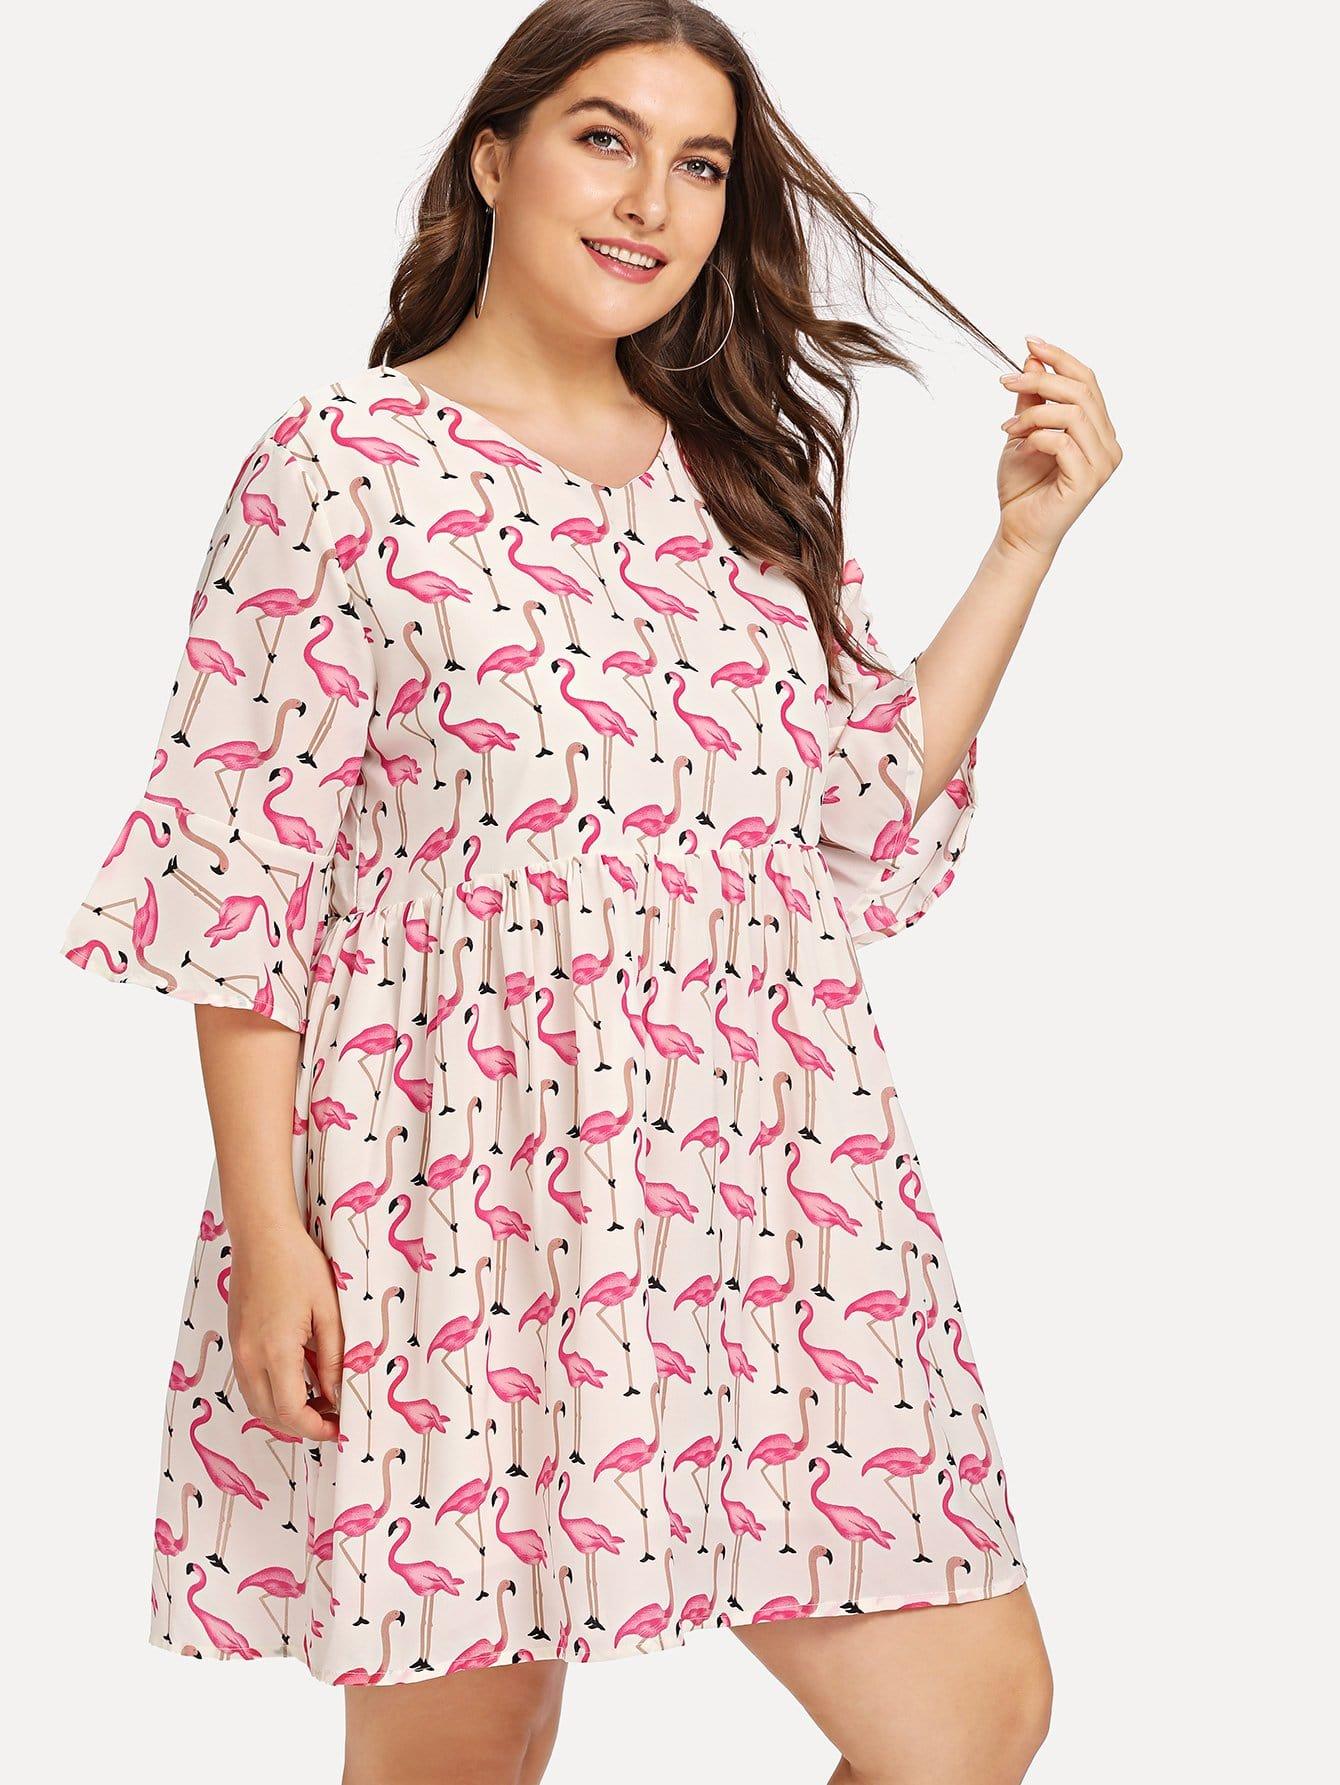 Платье с принтом фламинго и широкими рукавами, Franziska, SheIn  - купить со скидкой